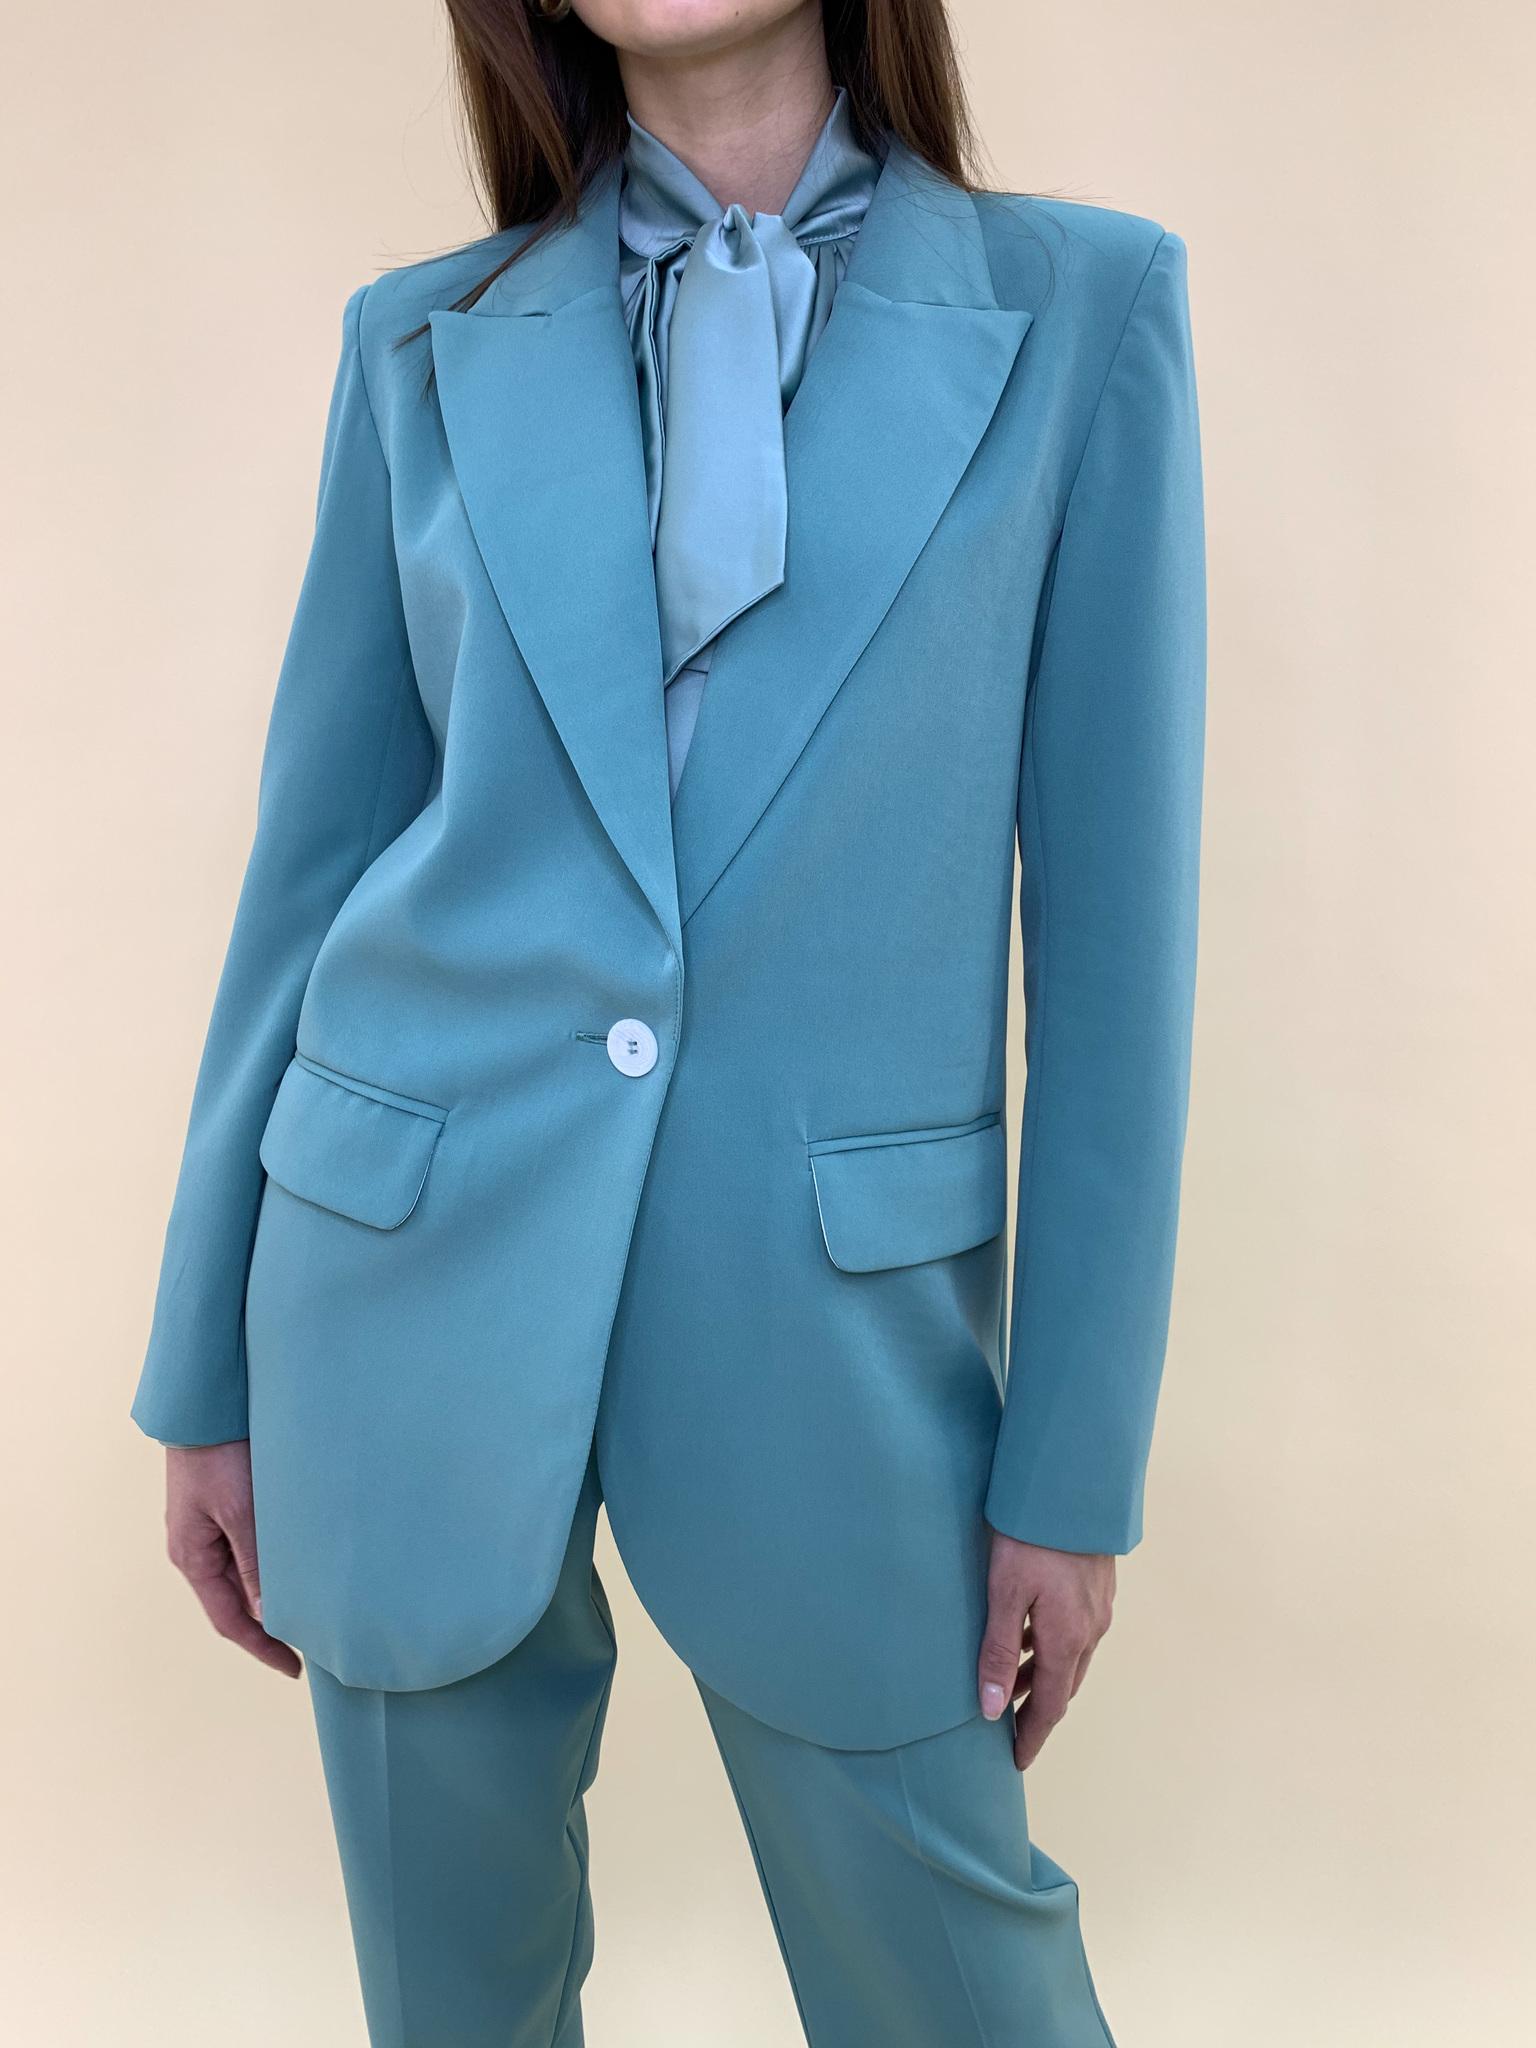 Пиджак со шлицей (острый лацкан) (бирюзовый)